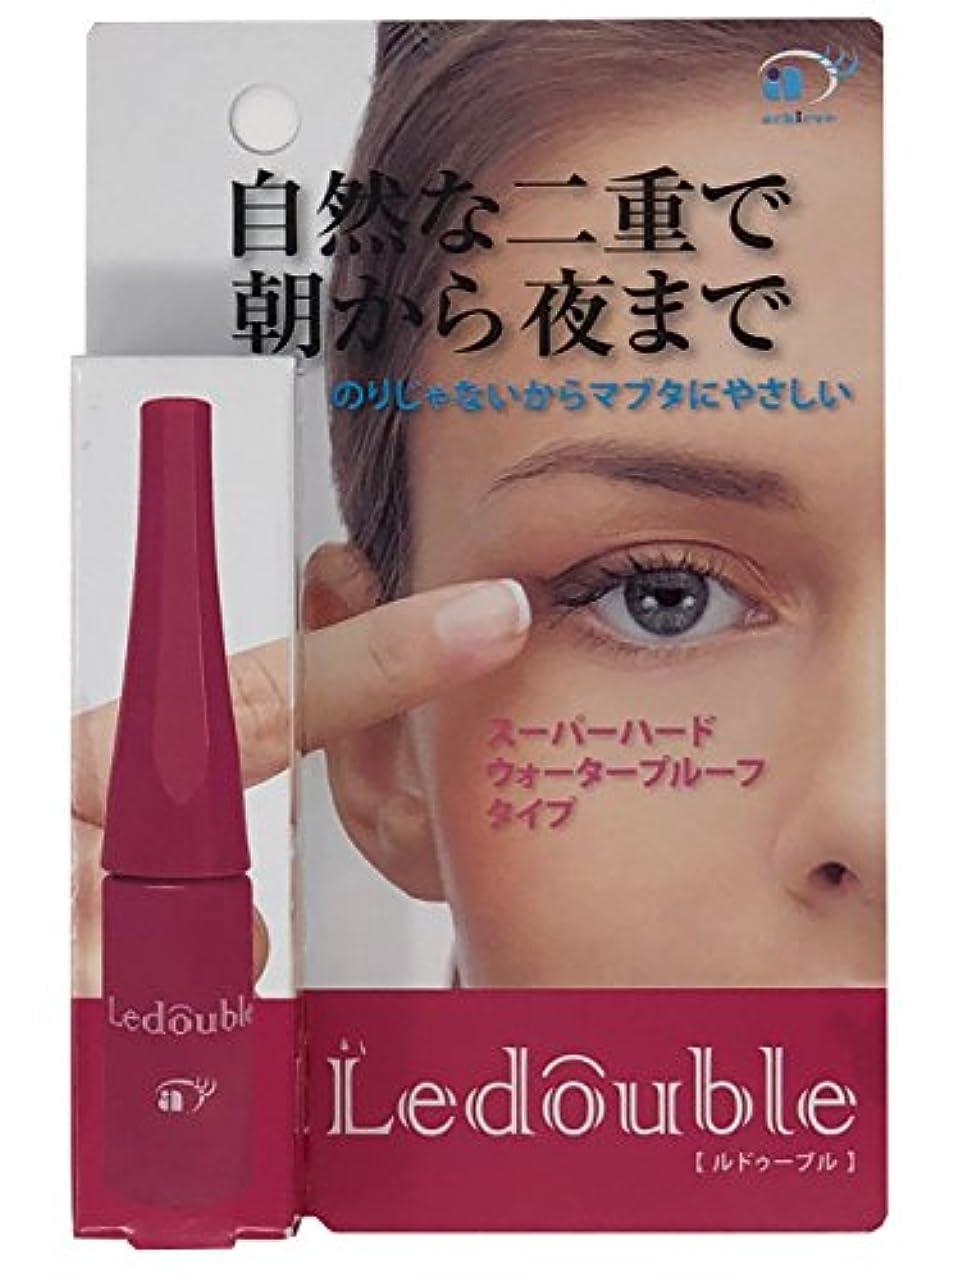 ケーキ毒性太字Ledouble [ルドゥーブル] 二重まぶた化粧品 (4mL) 限定200%増量